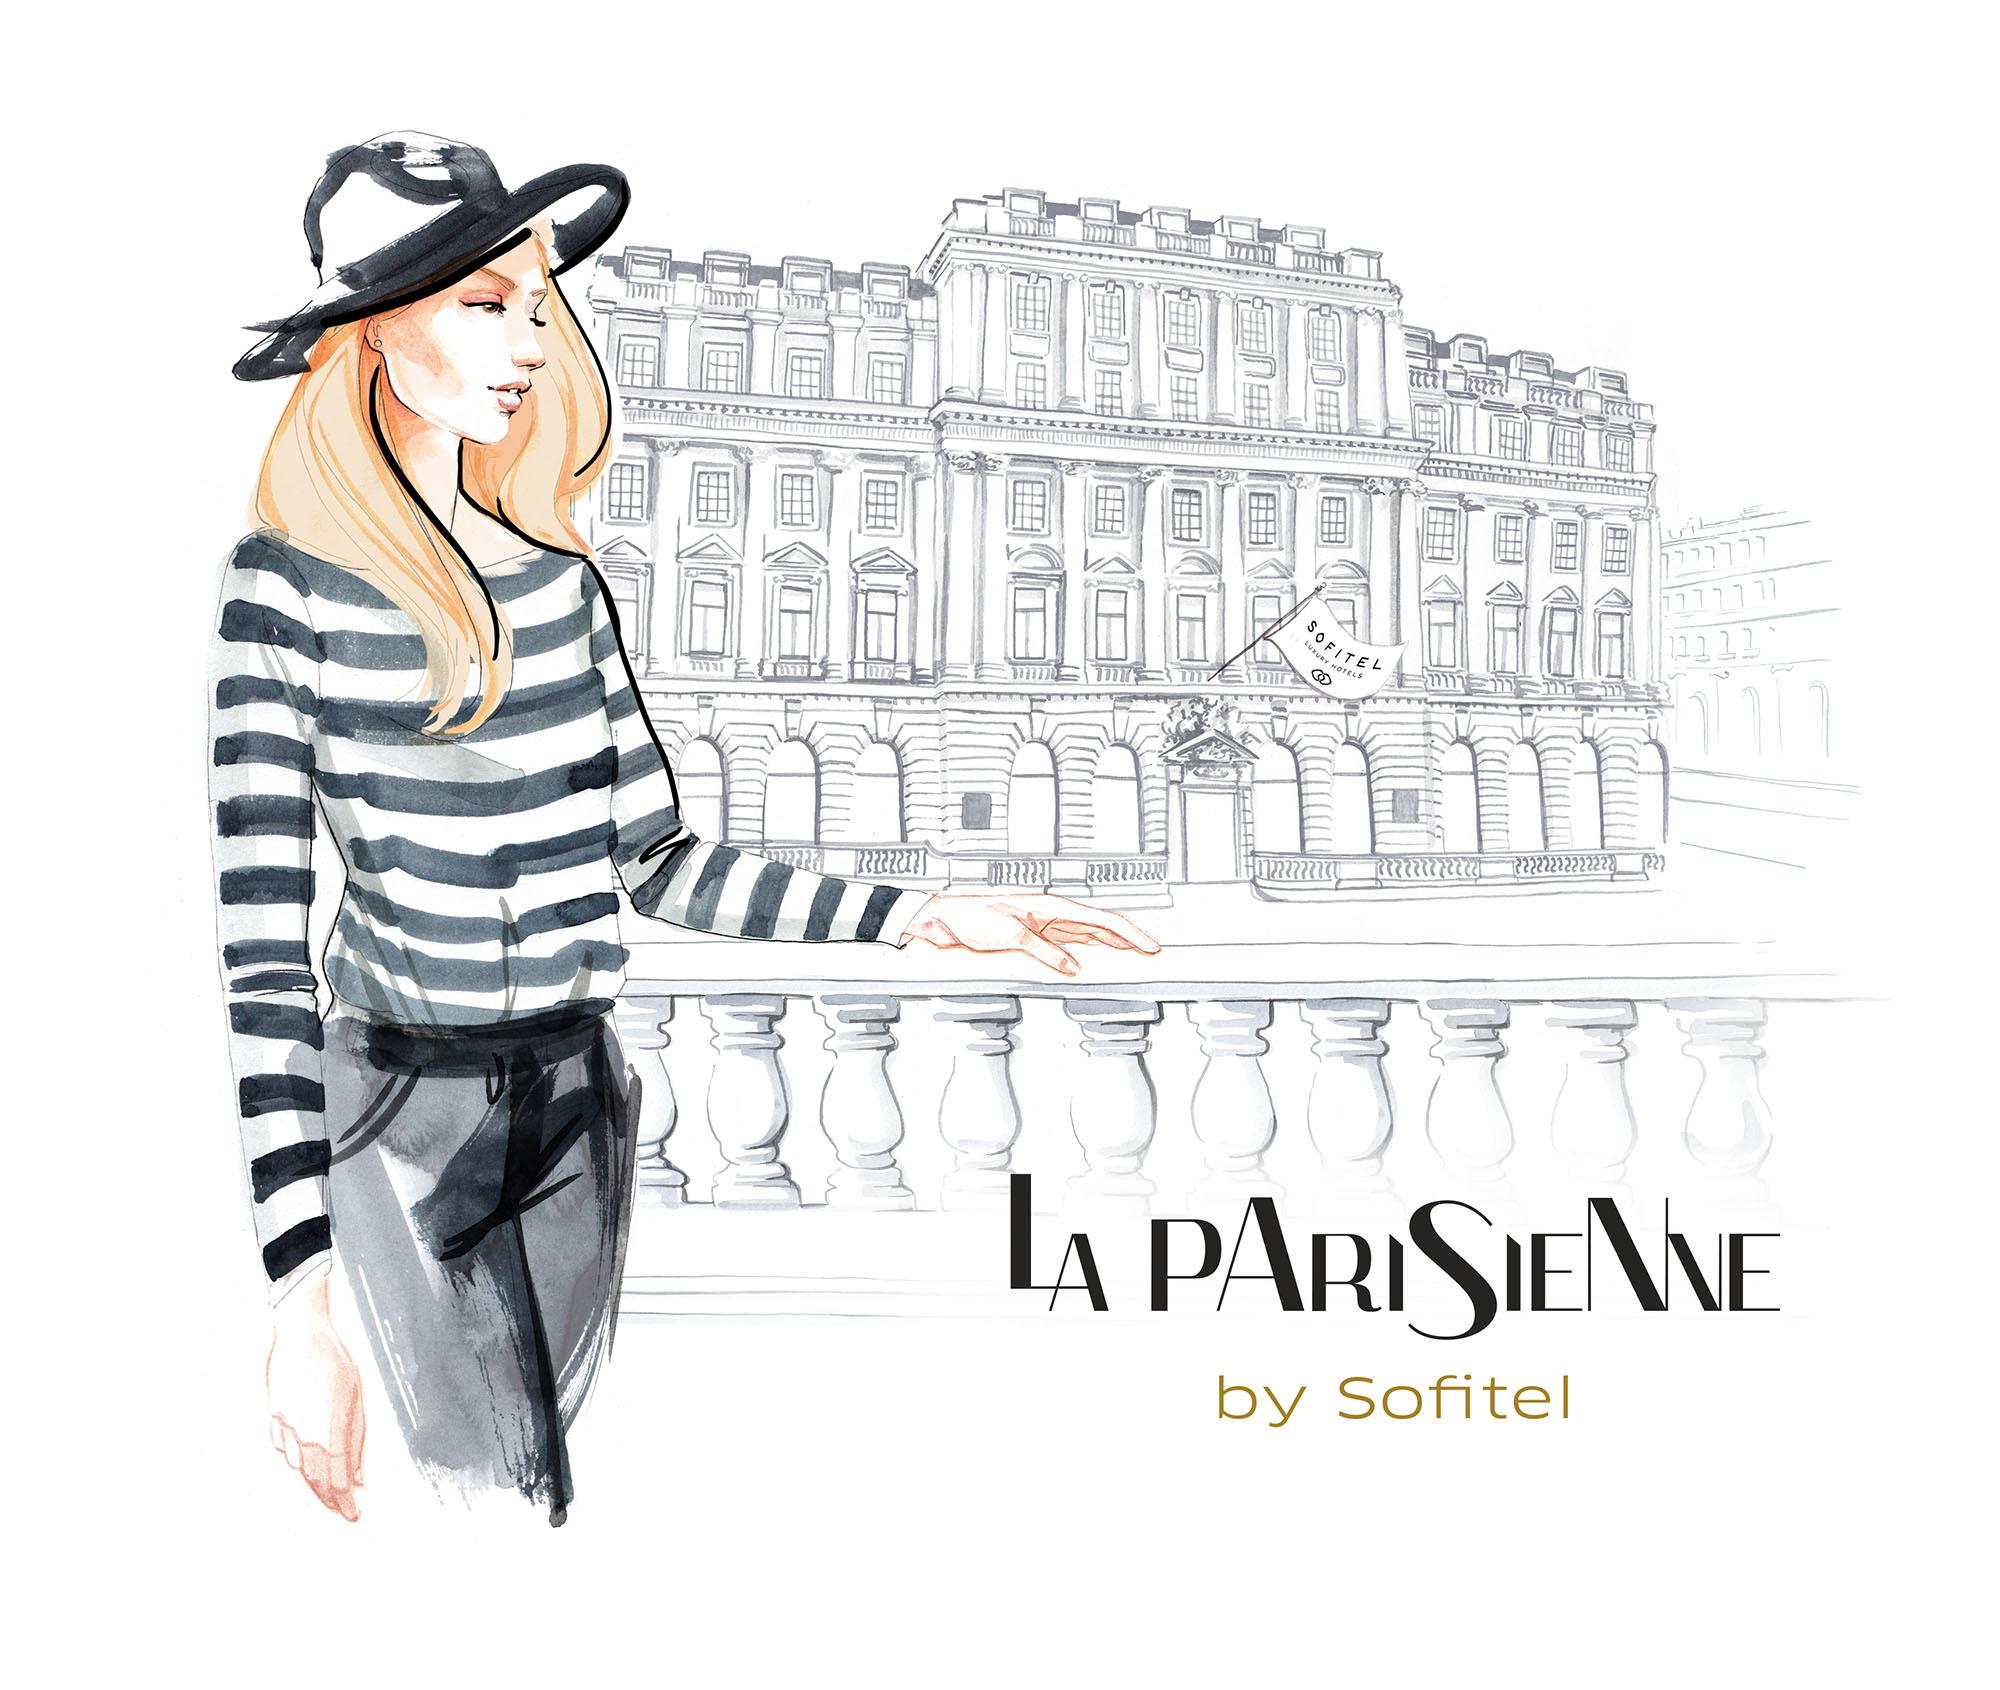 La Parisienne PR image by Willa Gebbie